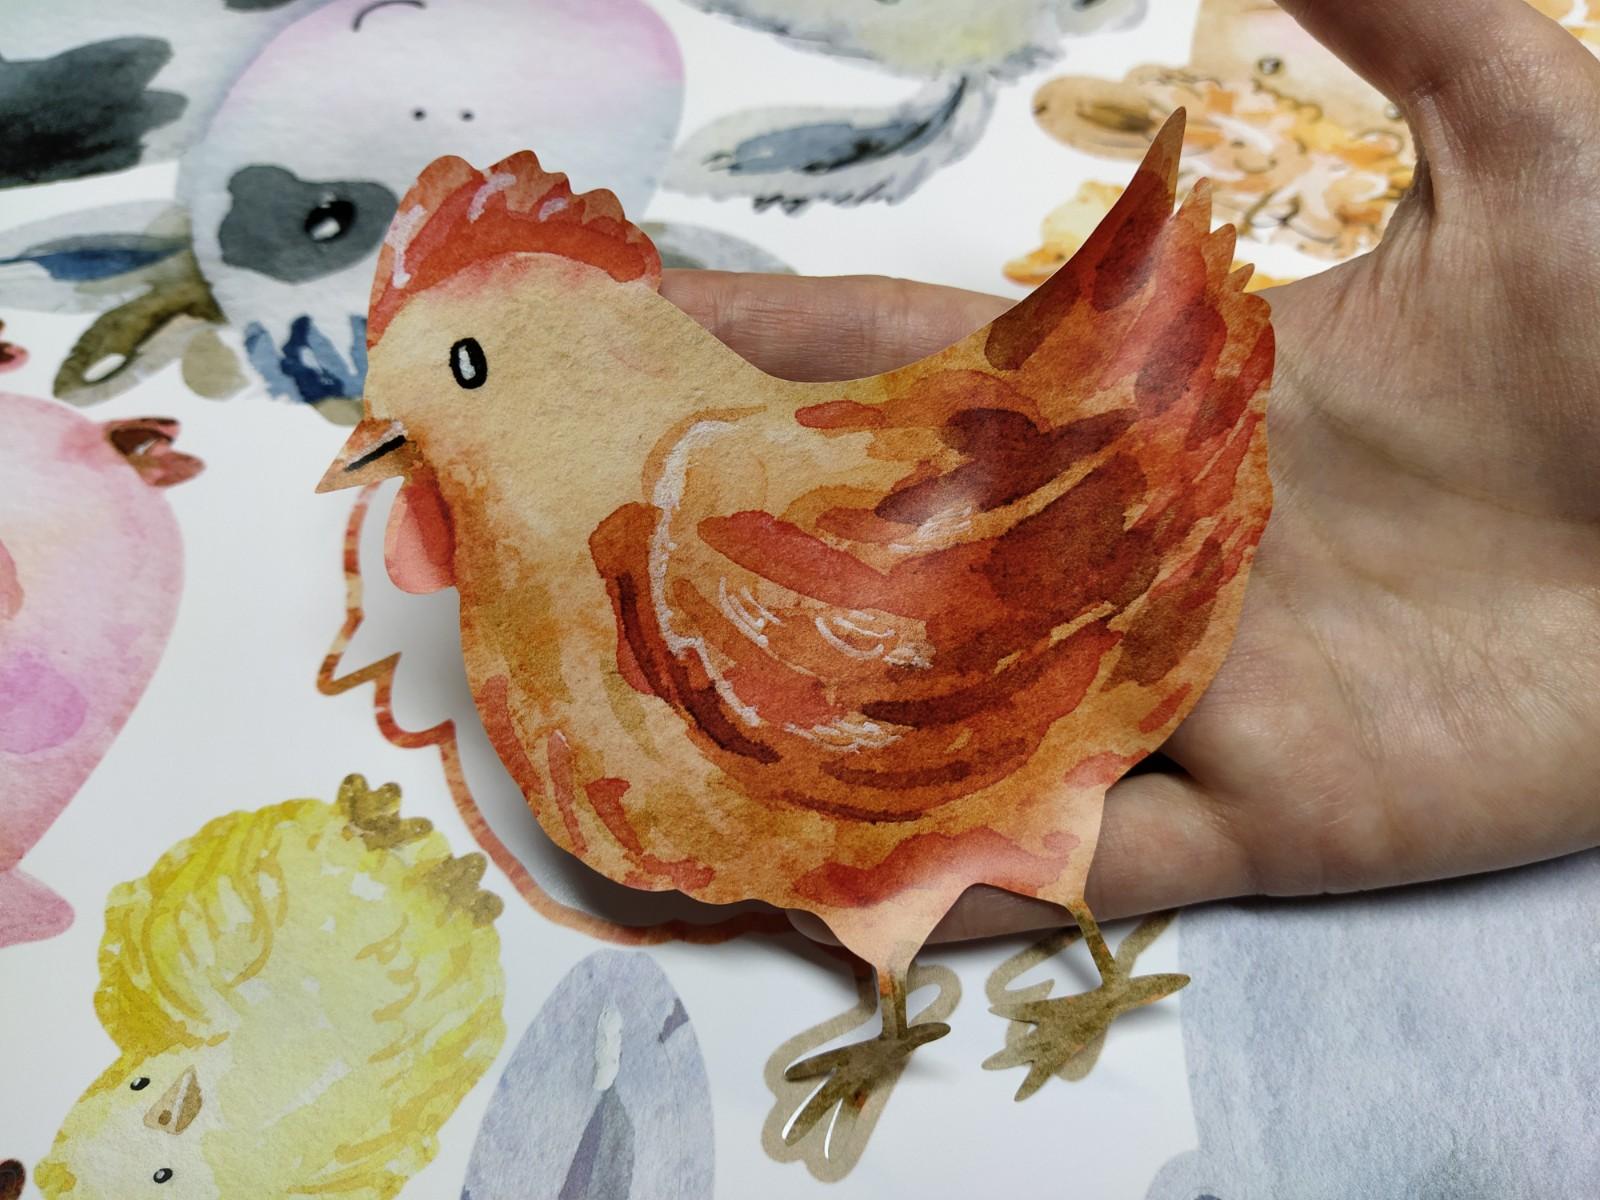 naklejanie kura.jpg